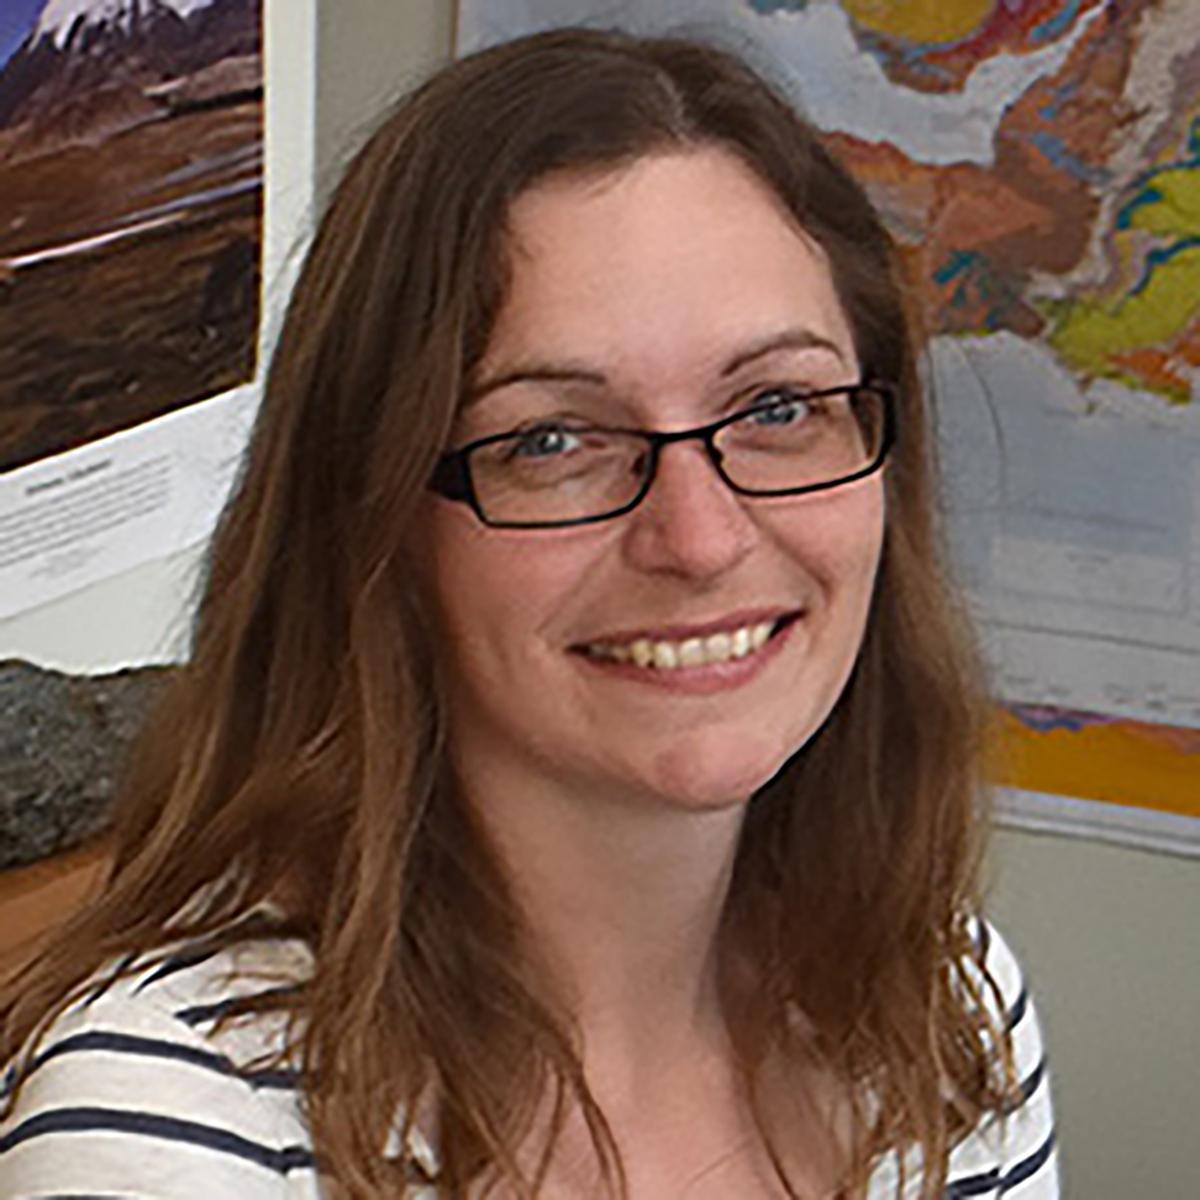 Dr. Janine Kavanagh